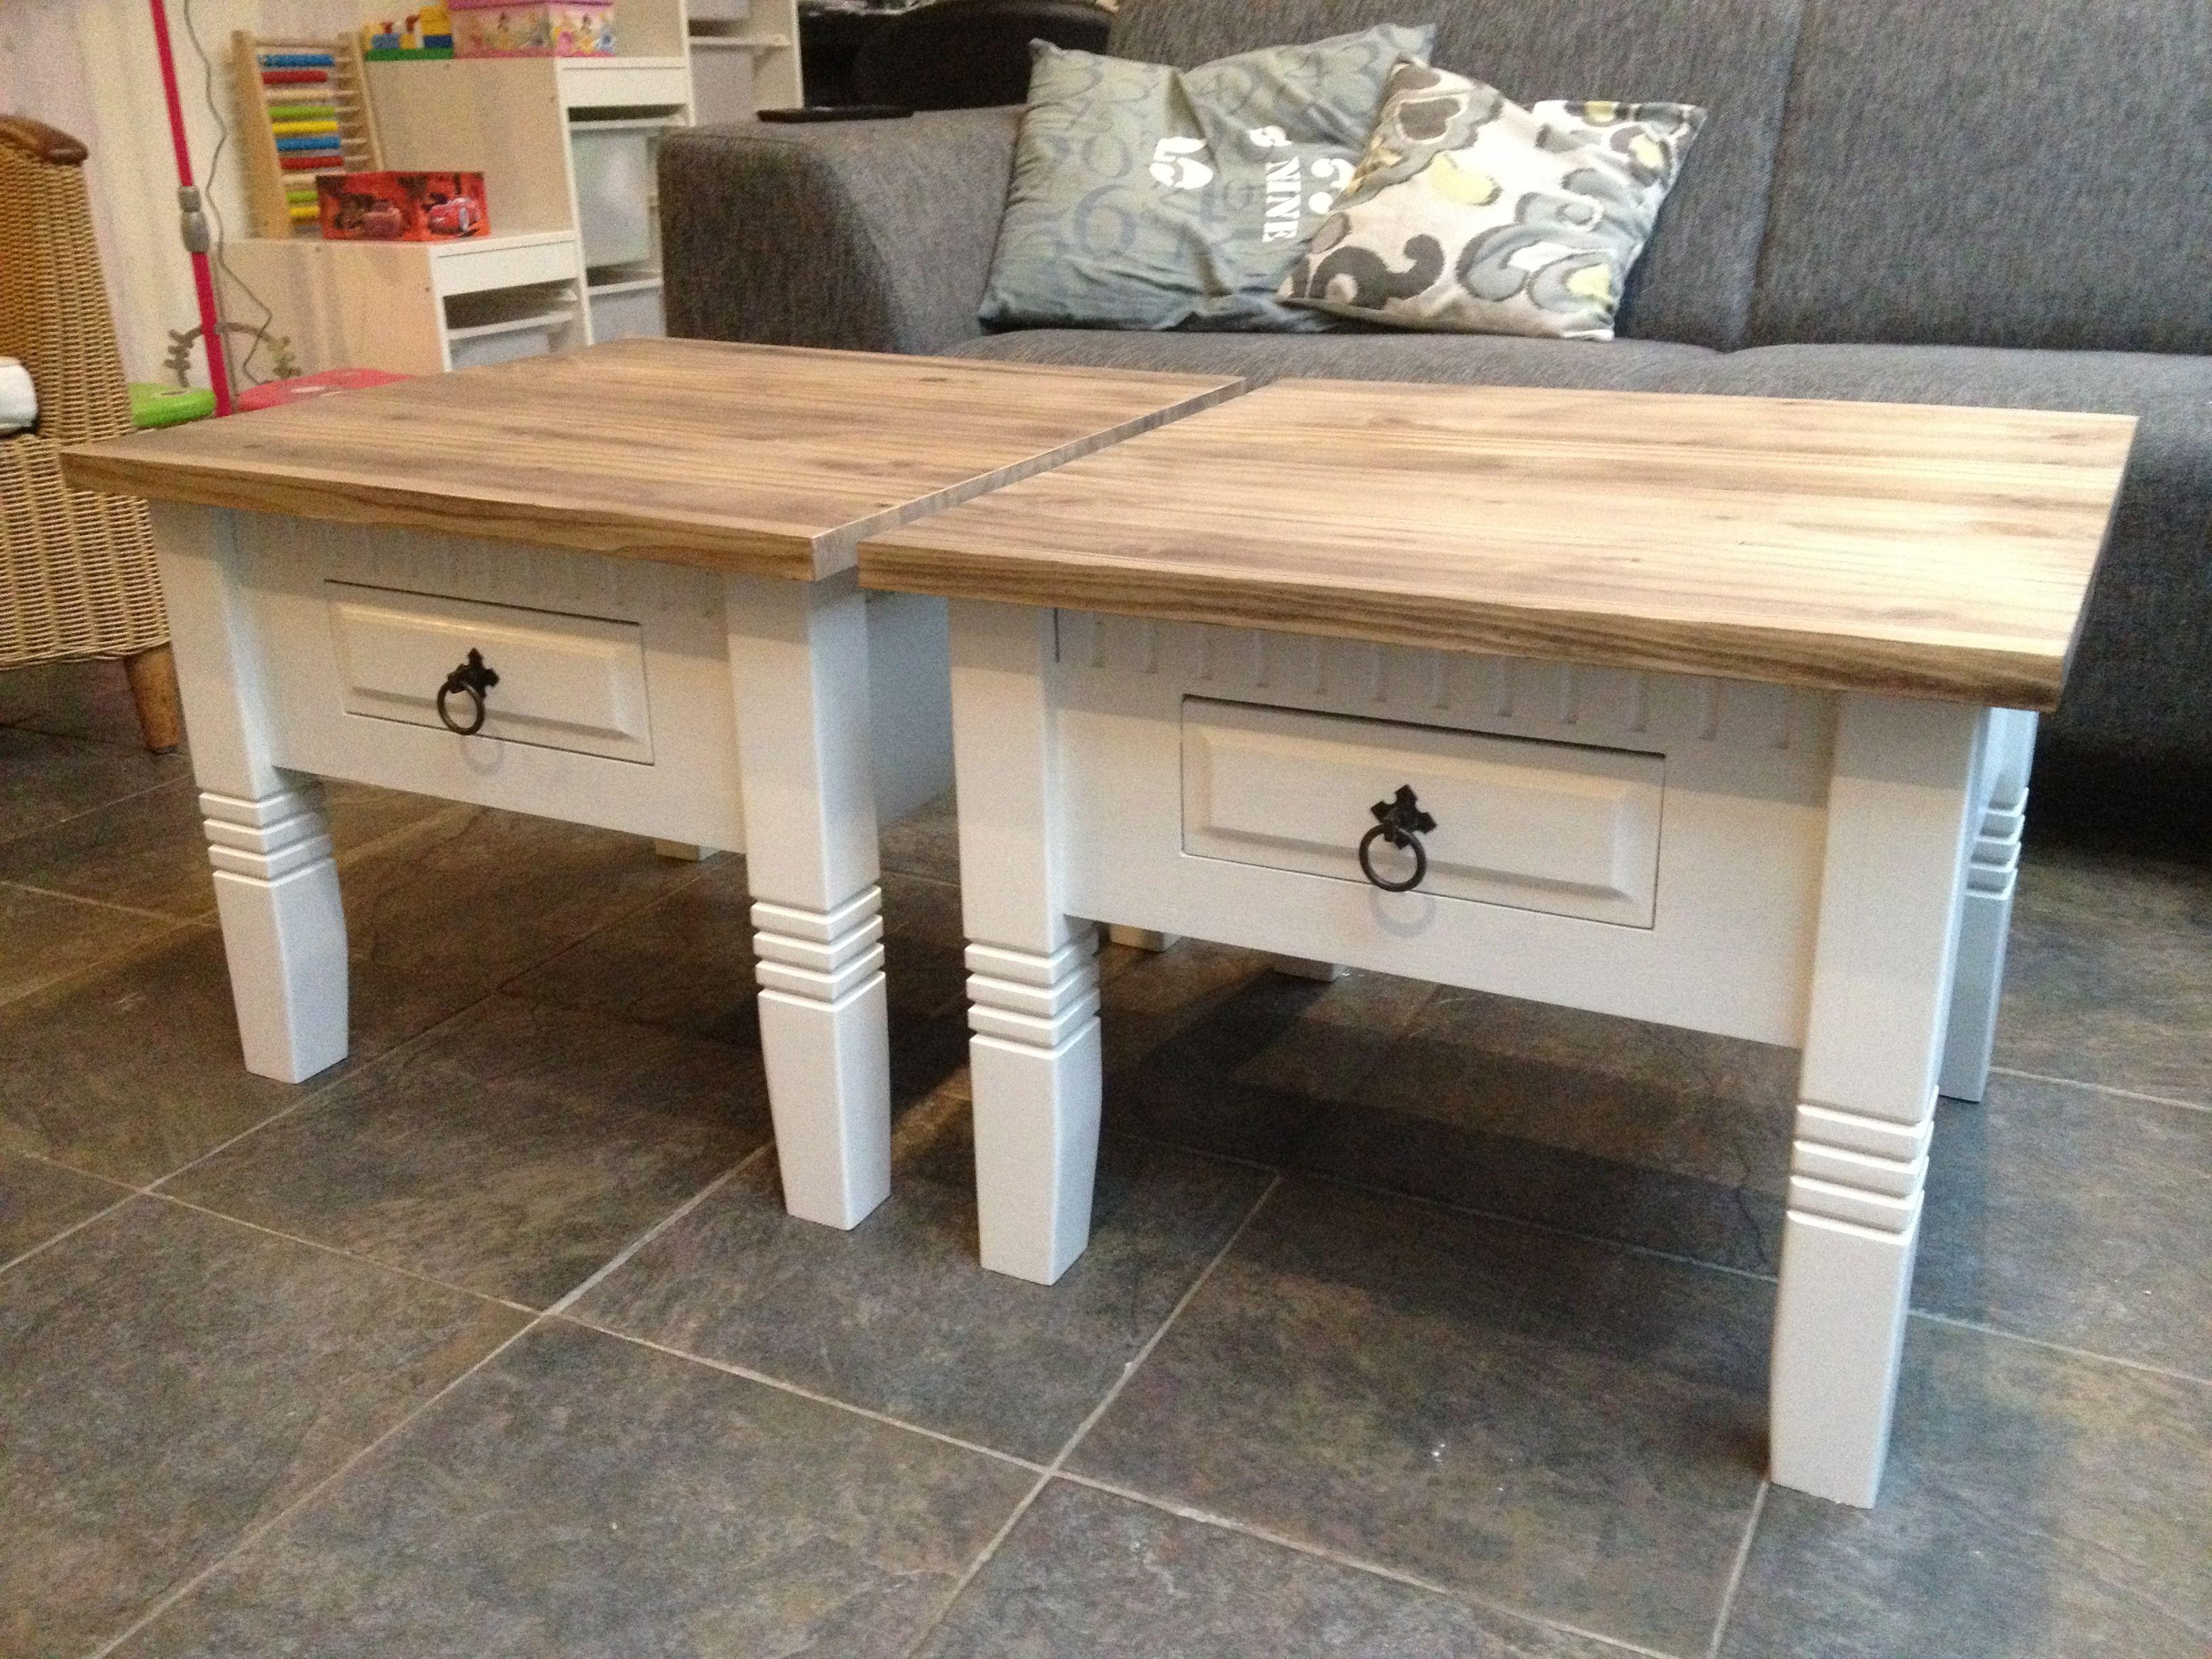 2 donkere tafeltjes mooi wit geschilderd en blad in driftwood stijl zelf gepimpte meubels - Witte meubels en rode ...